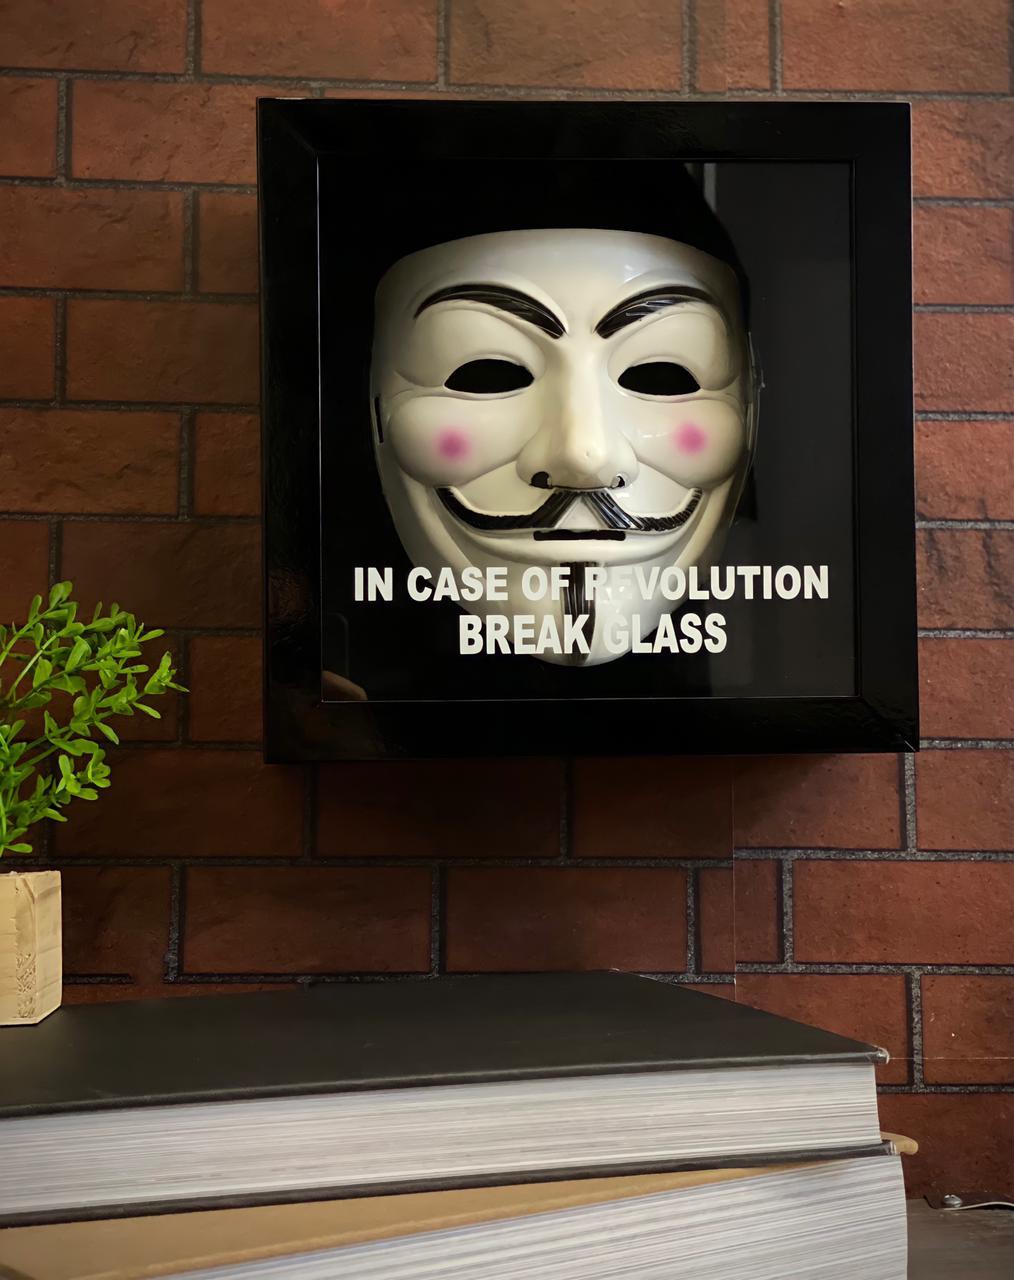 Máscara Com Caixa Guy Fawkes Em Caso de Revolução Quebre o Vidro In Case Of Revolution Break The Glass: V De Vingança